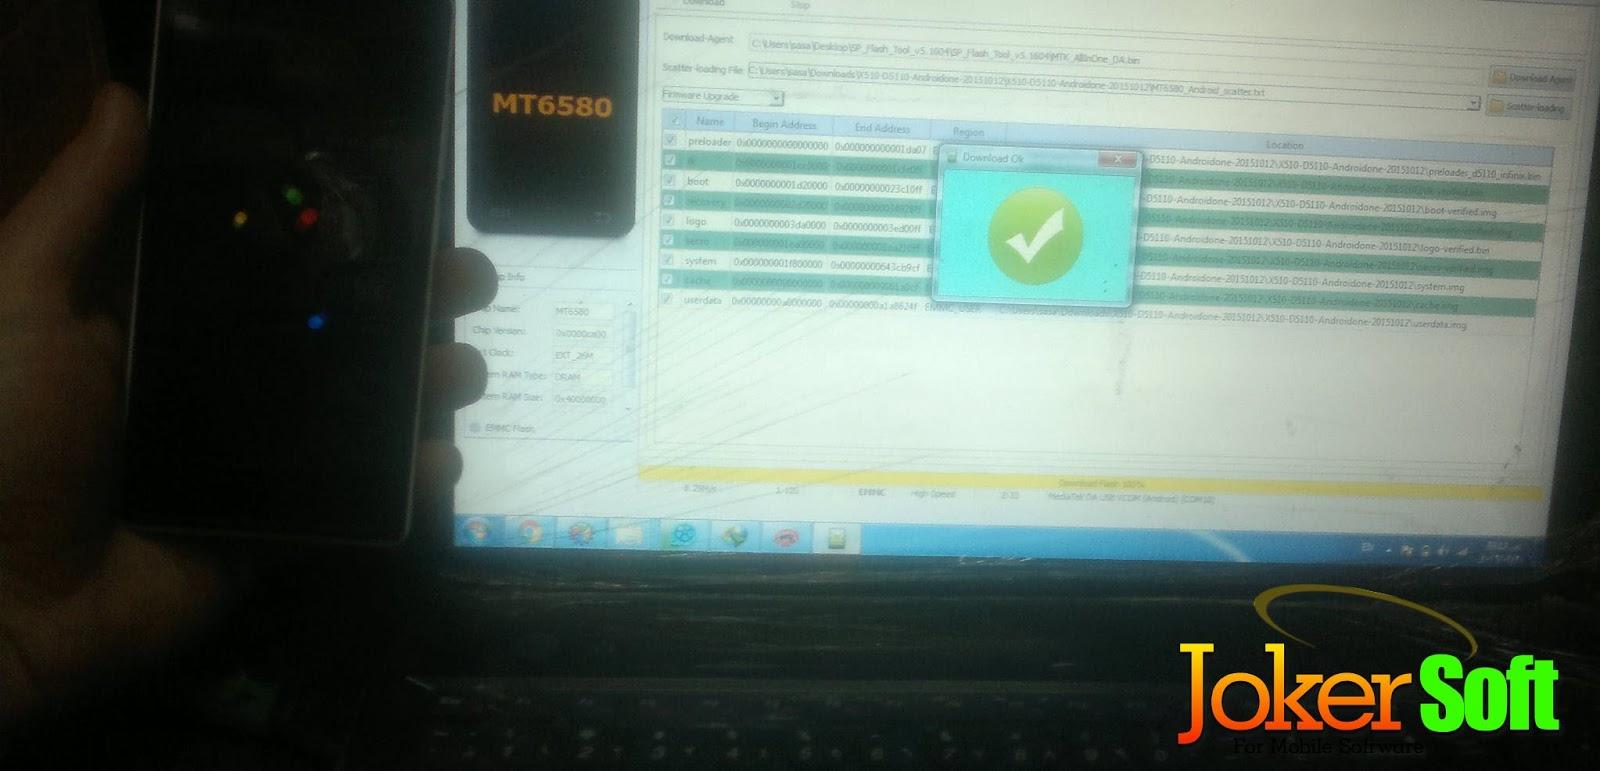 حل مشكلة هاتف إينفينكس Infinix Hot 2 X510 الفاصل بعد التفليش